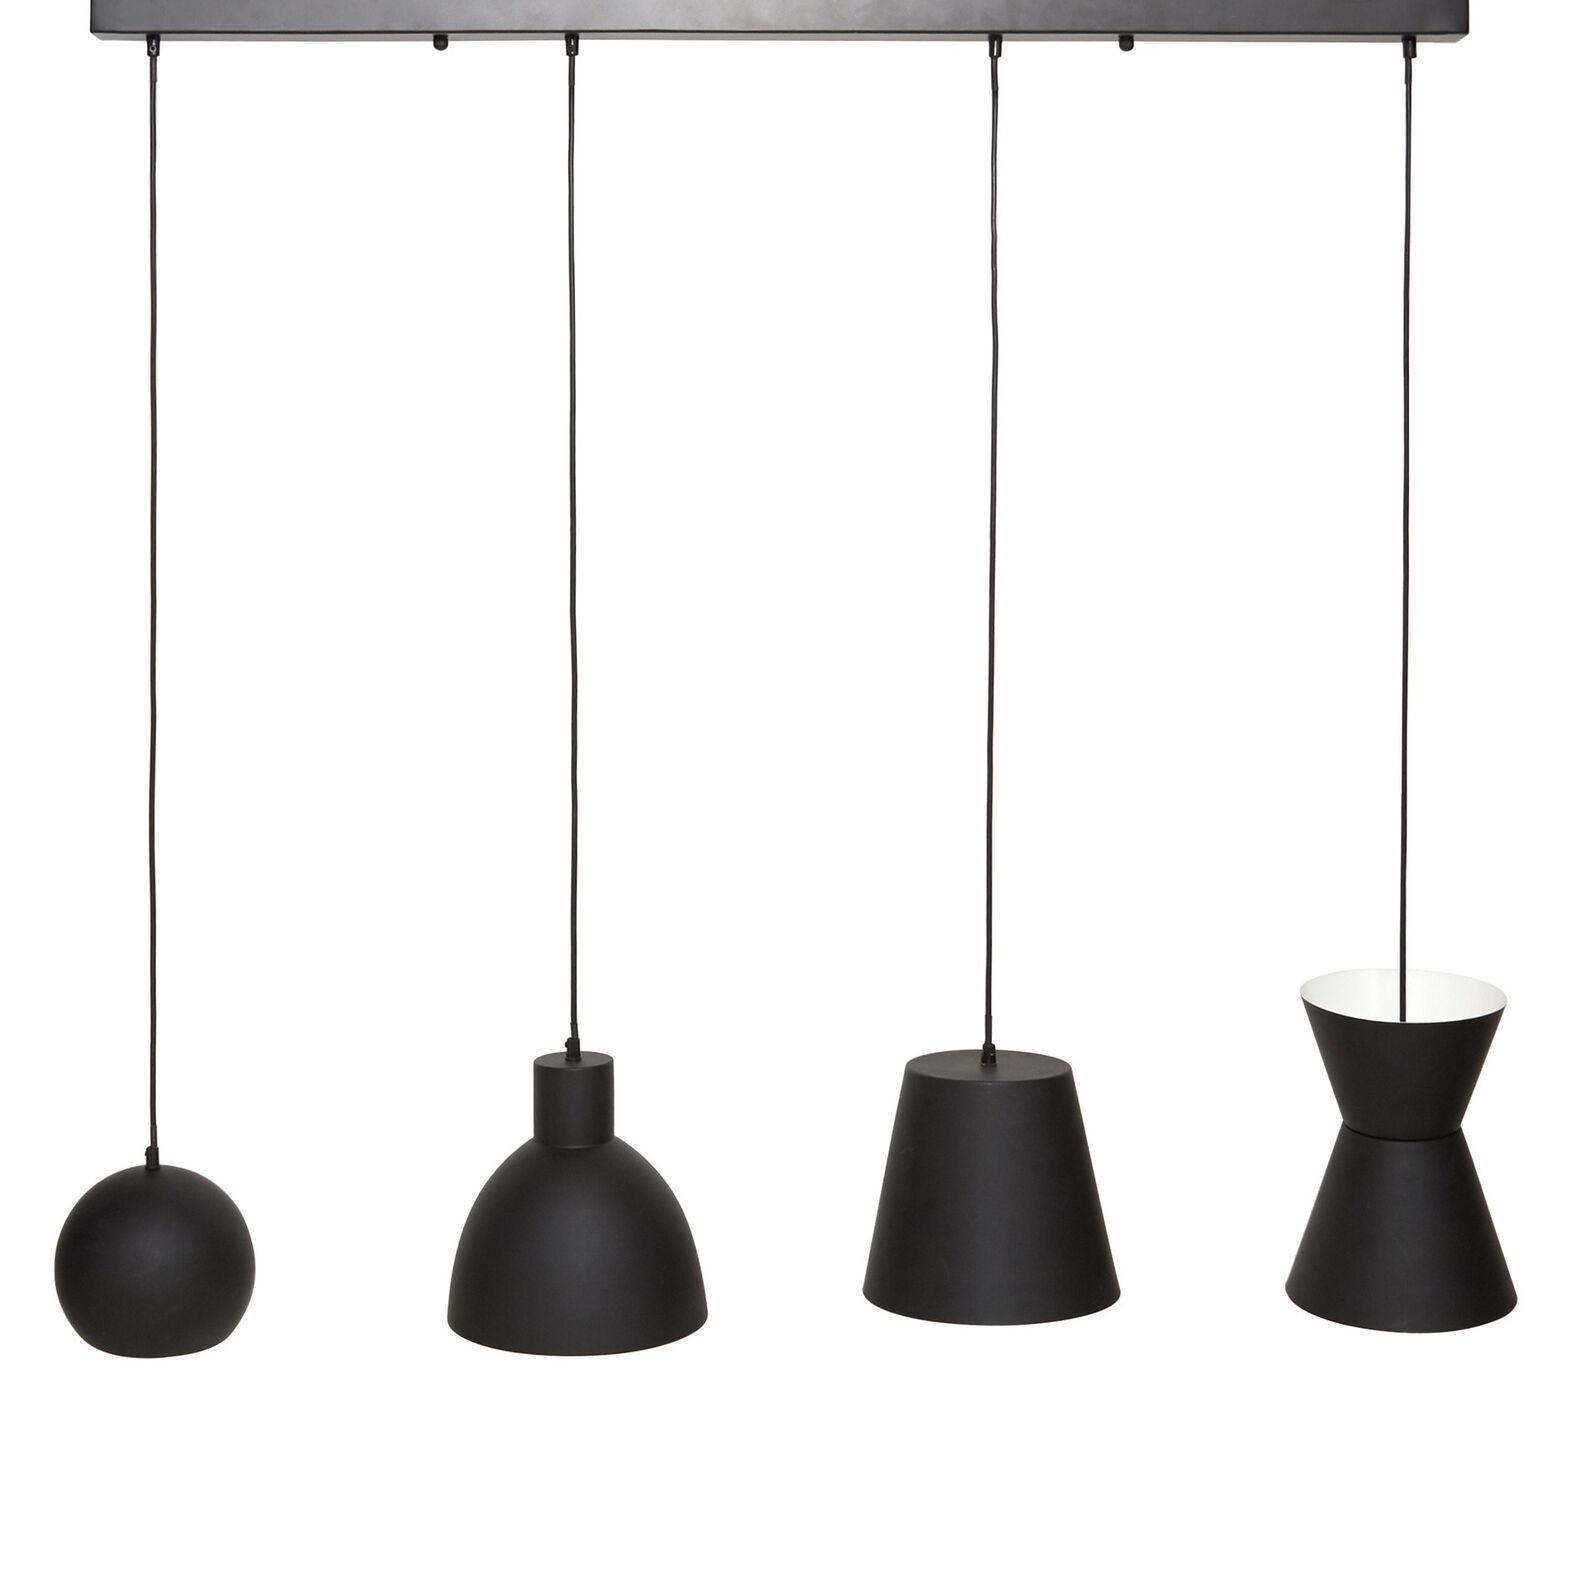 Suspension lamp 4 Black